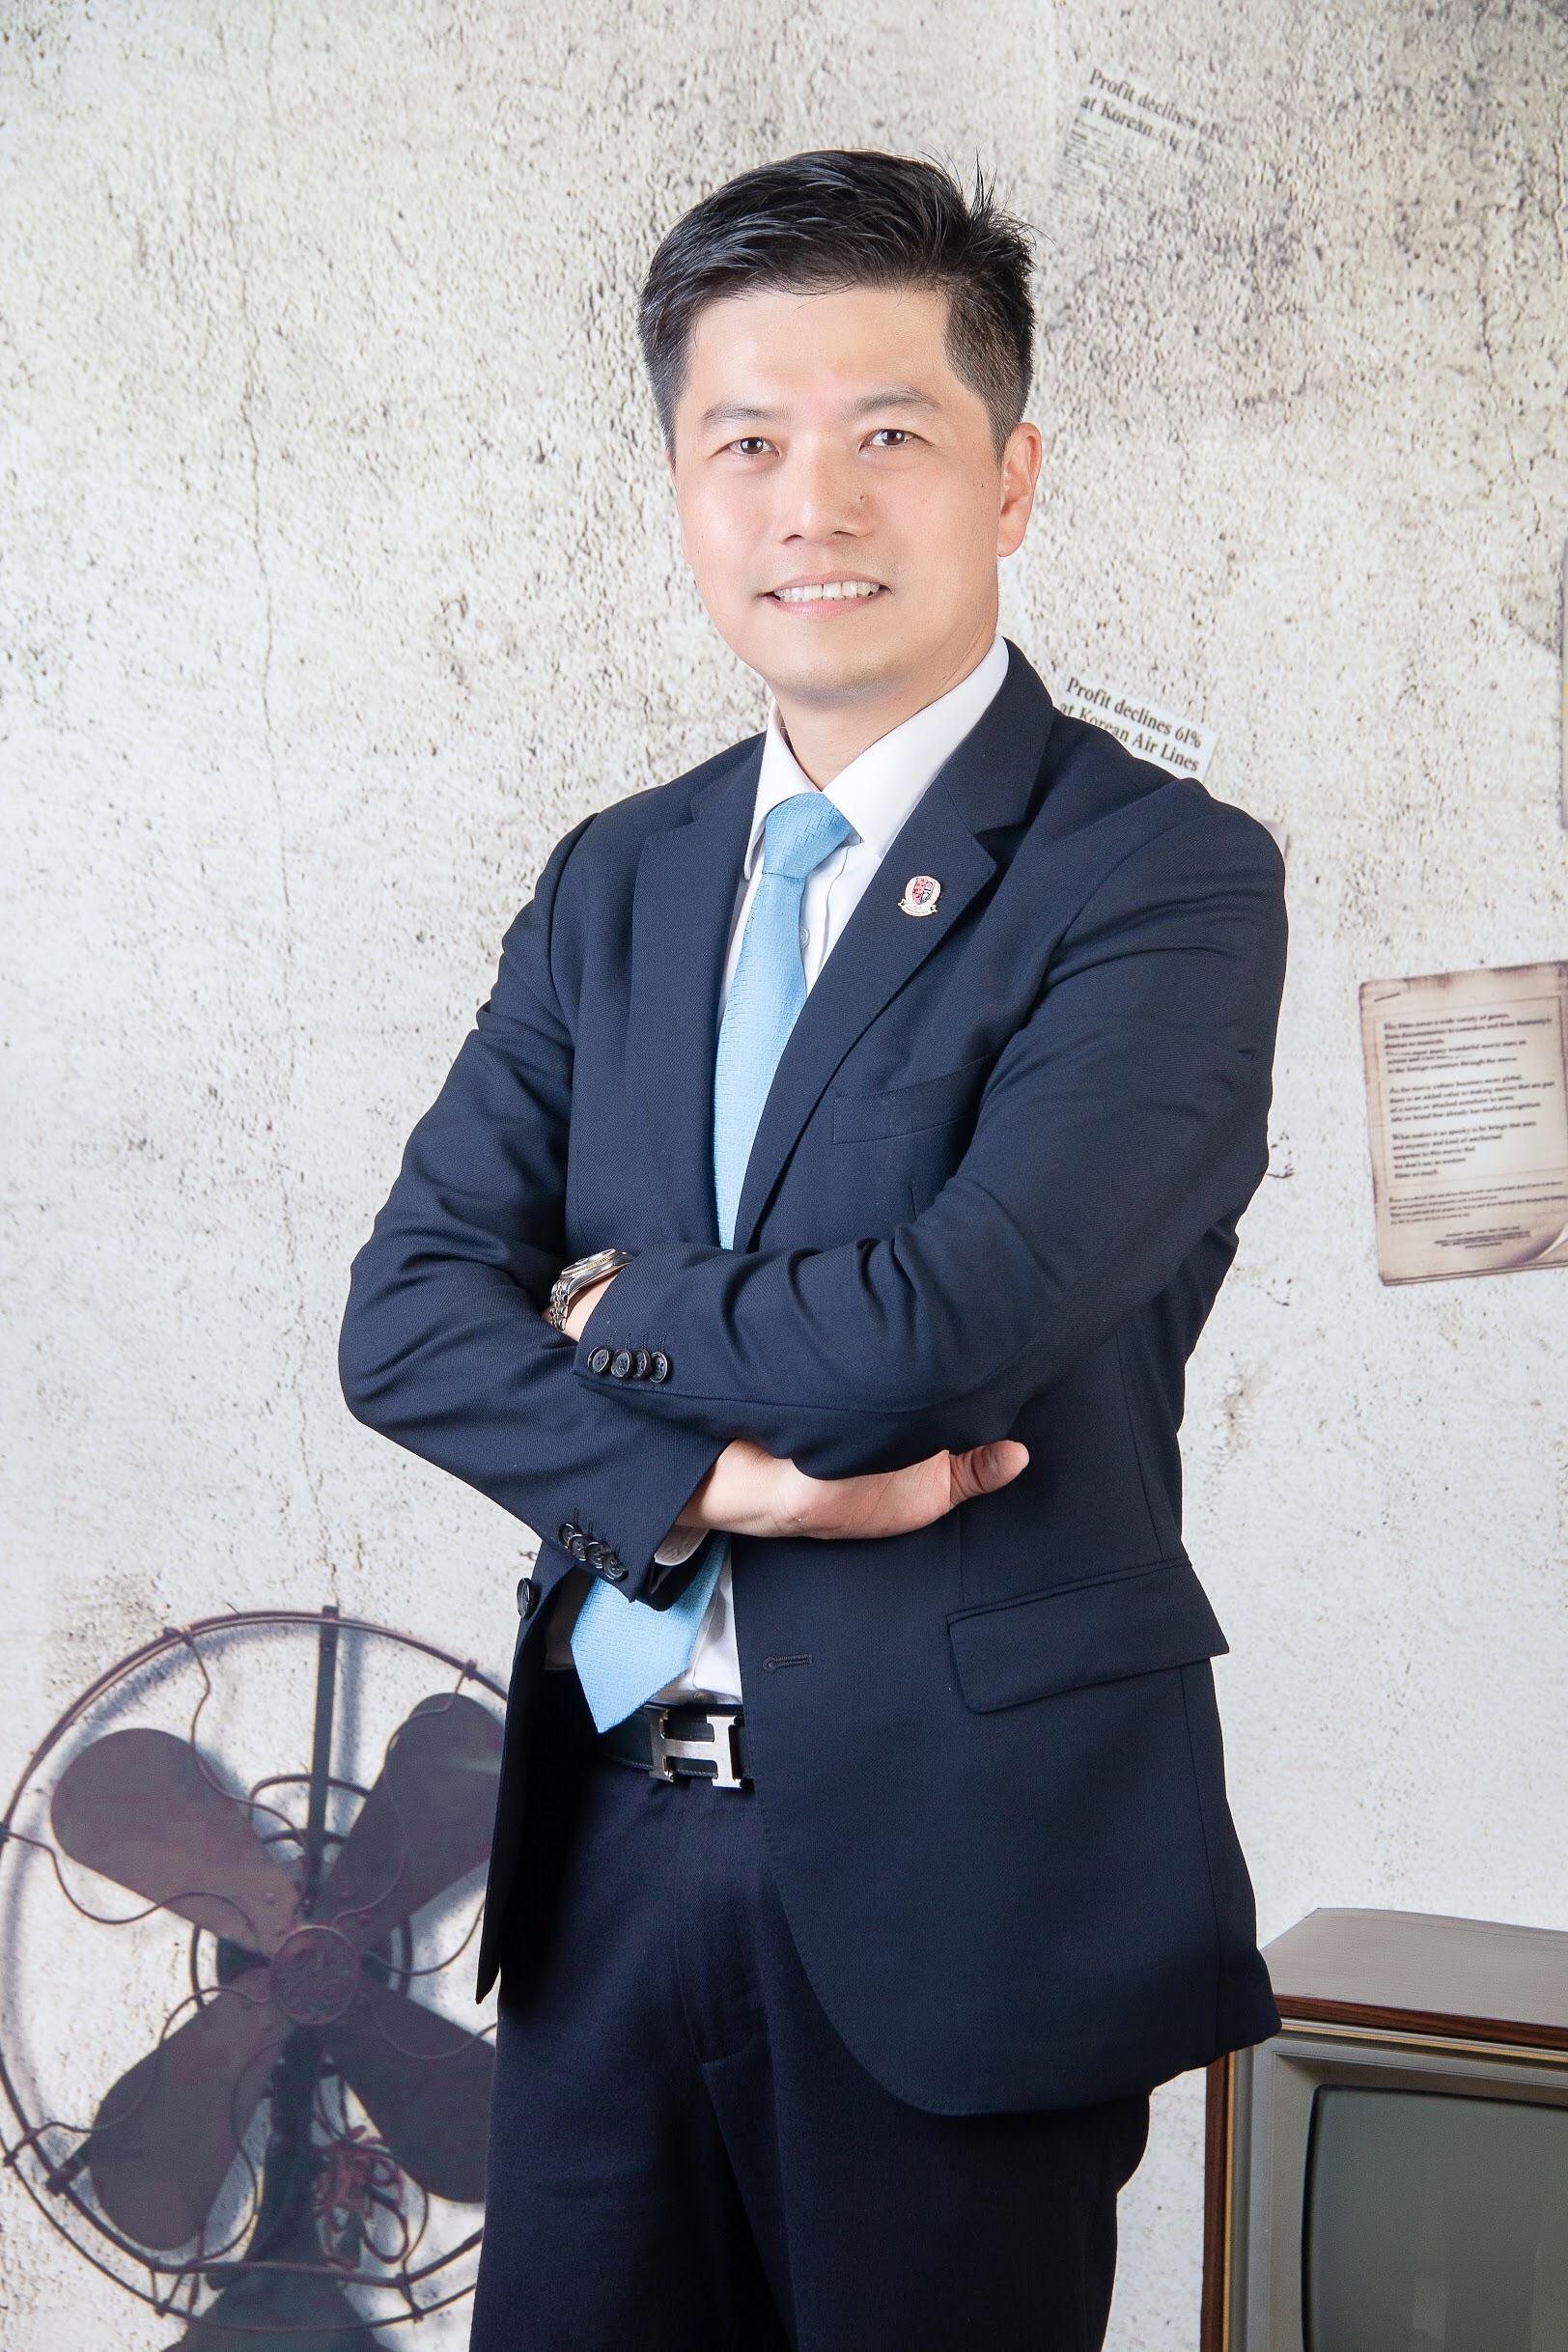 海外客家僑團領袖系列--世台客聯合總會長章維斌(上)